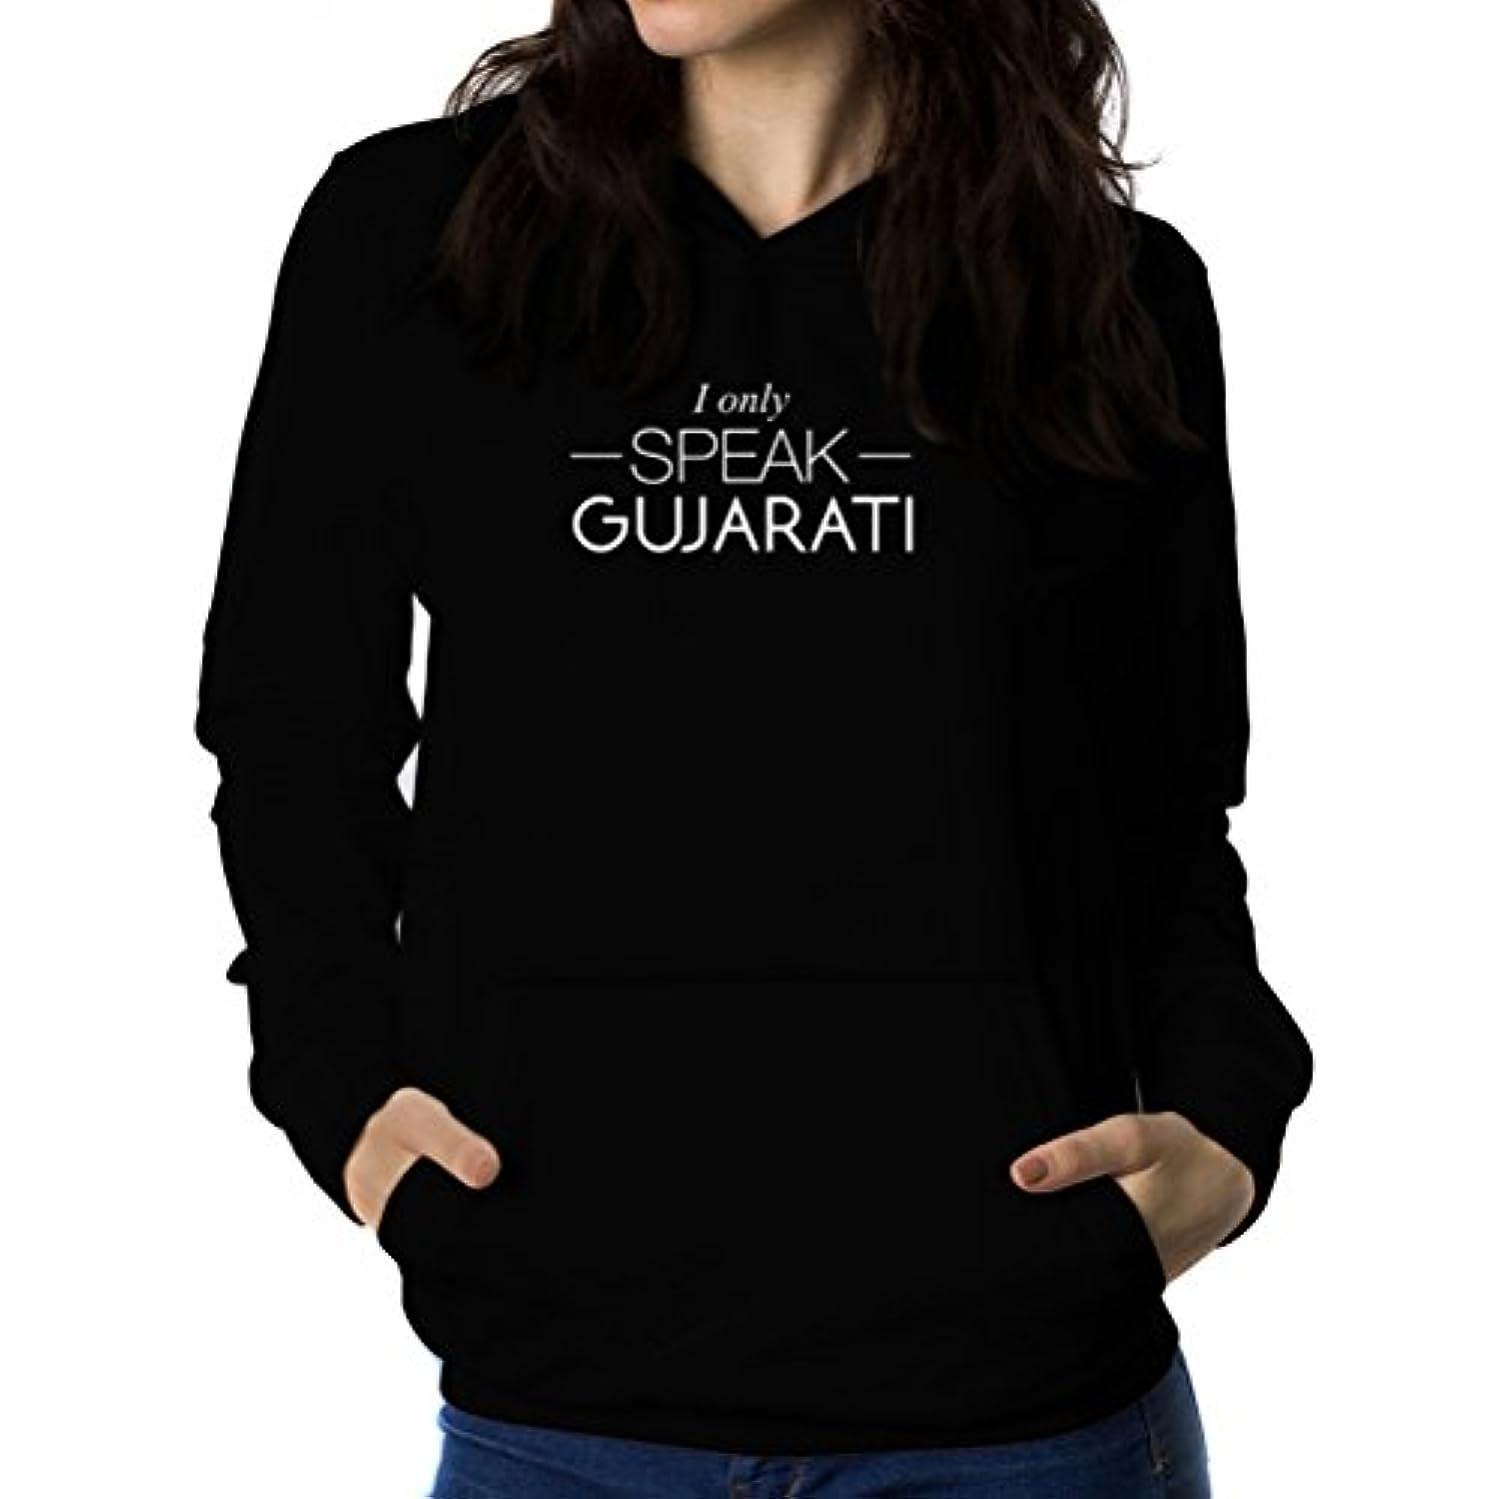 のために円形入場料I only speak Gujarati 女性 フーディー